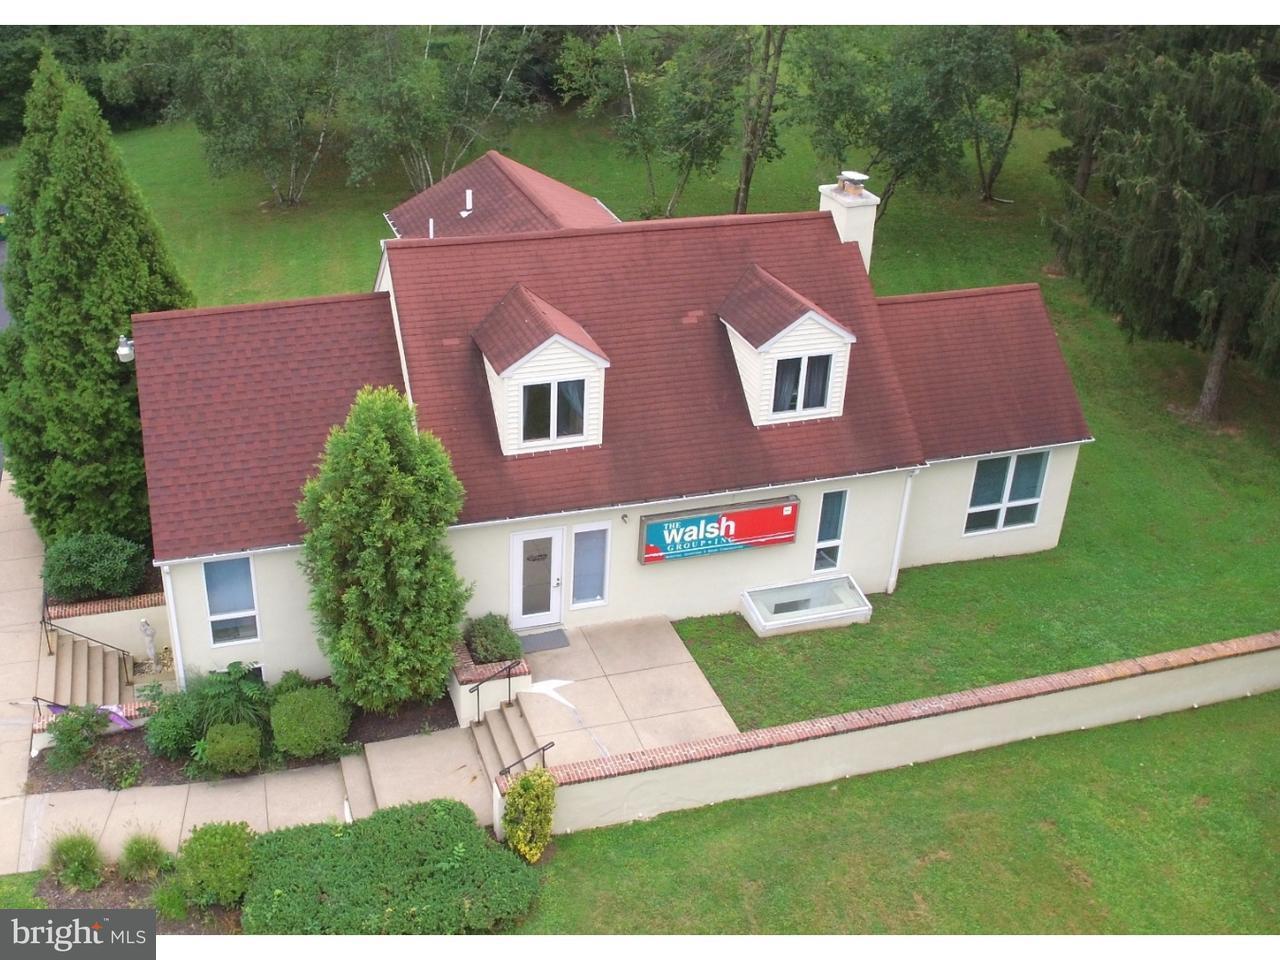 Частный односемейный дом для того Продажа на 1553 EASTON Road Warrington, Пенсильвания 18976 Соединенные Штаты